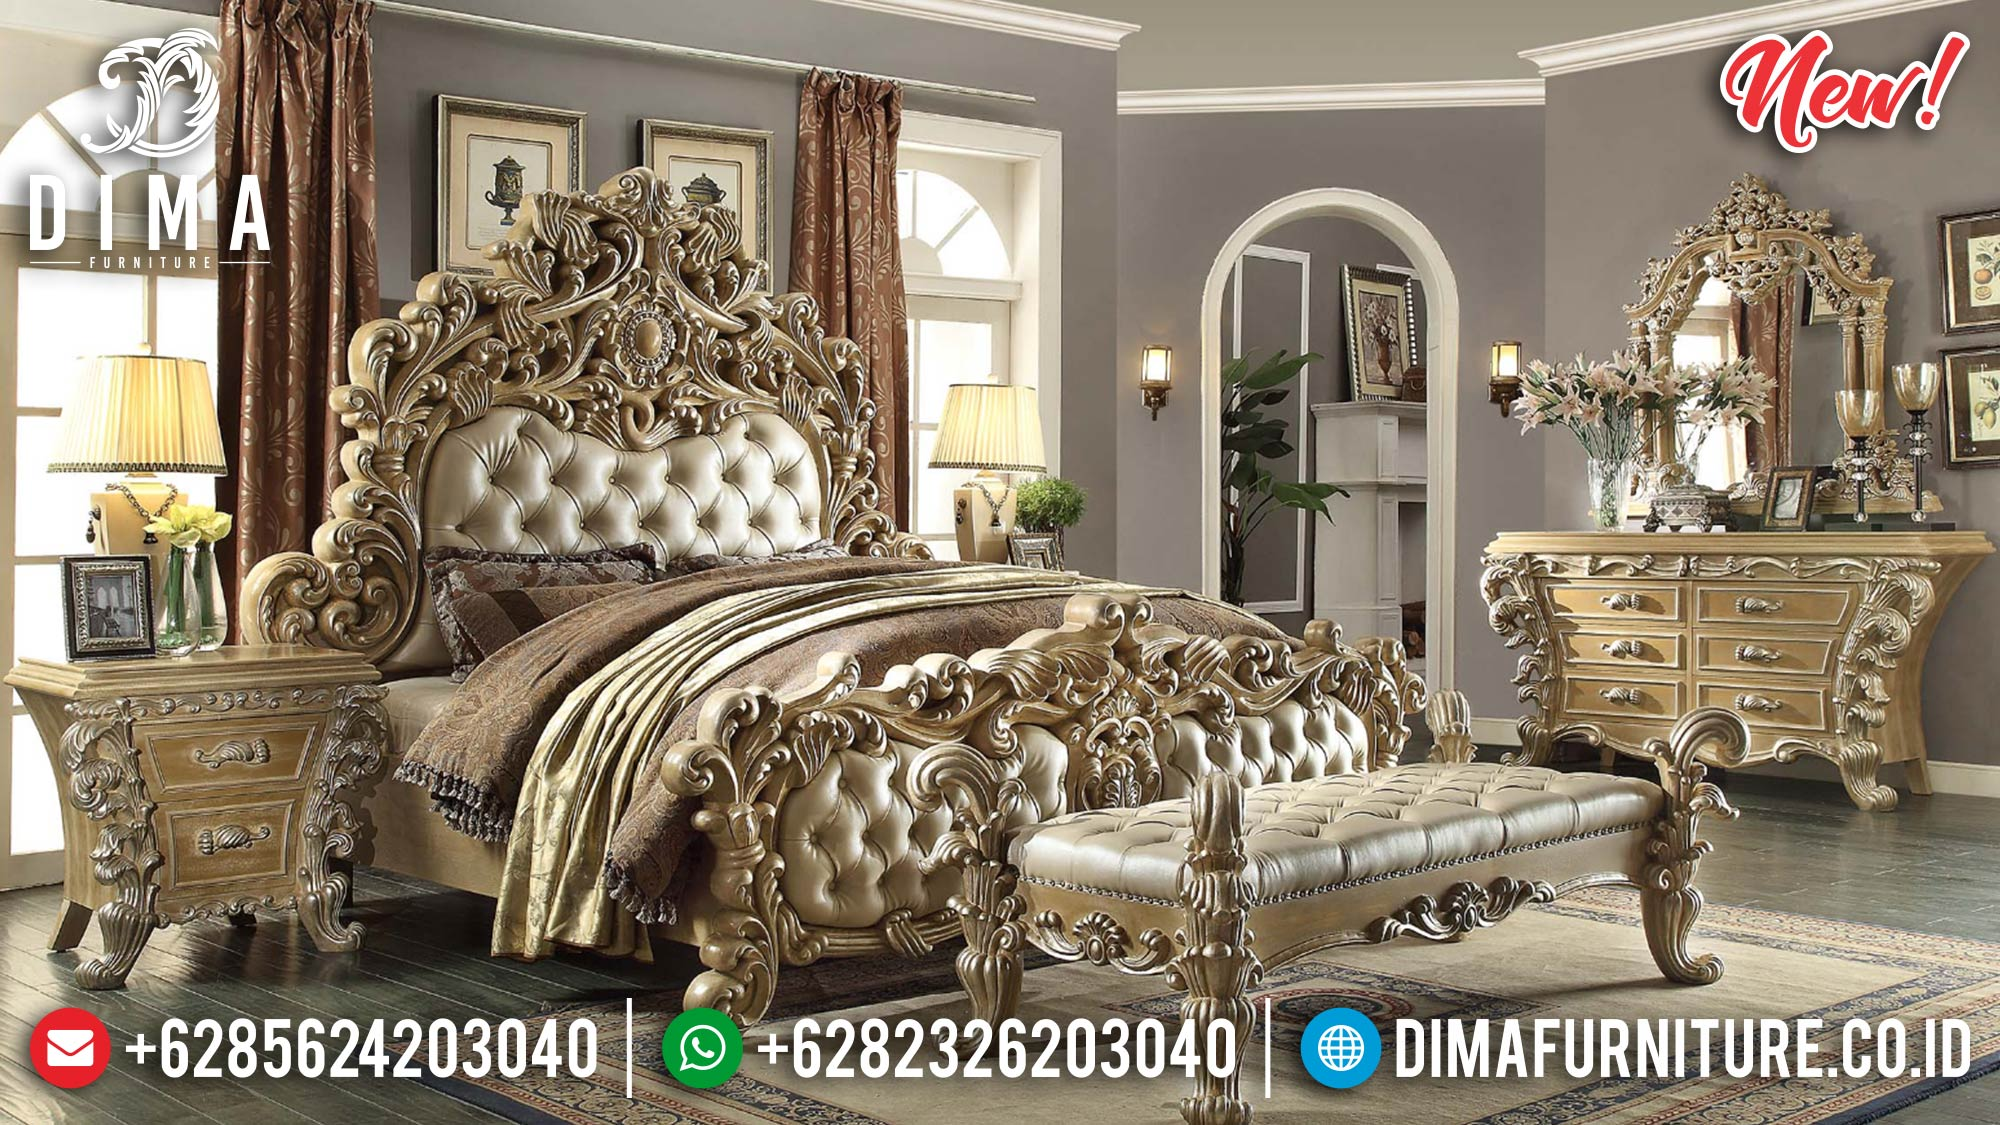 New Set Tempat Tidur Jepara Ornamen Ukir Klasik ST-0867